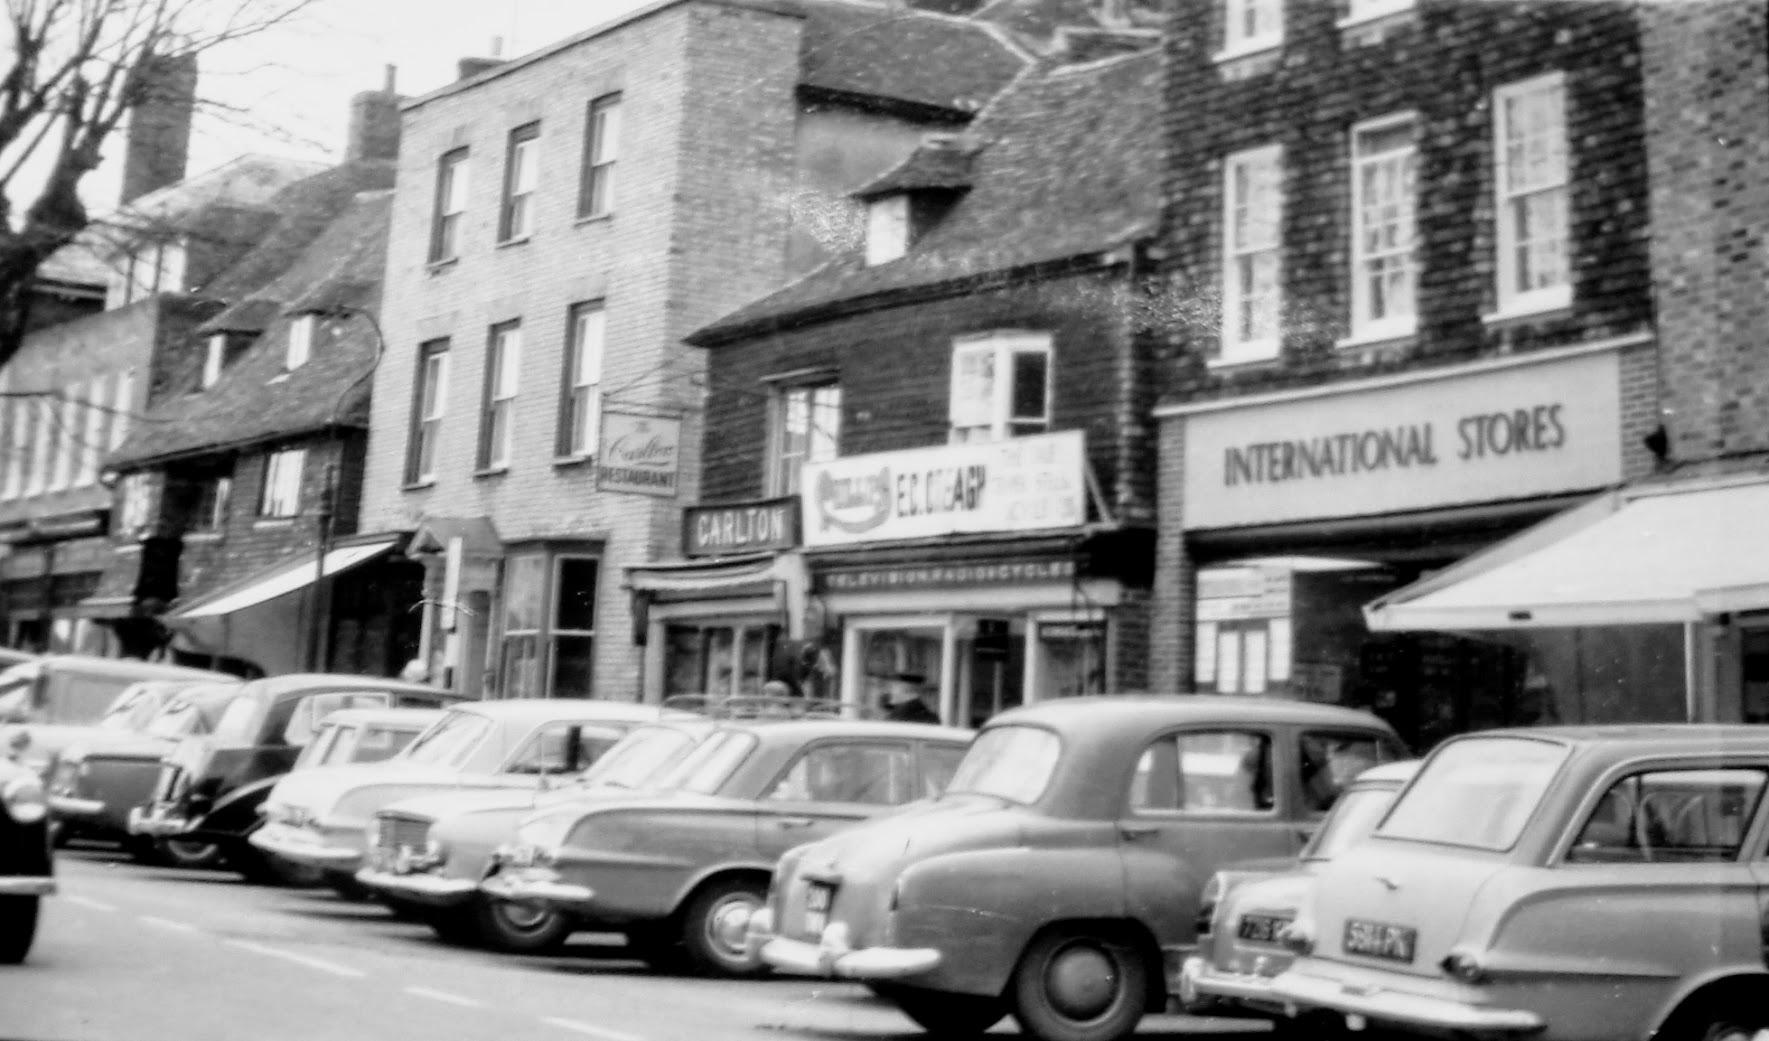 Tenterden High Street 1964